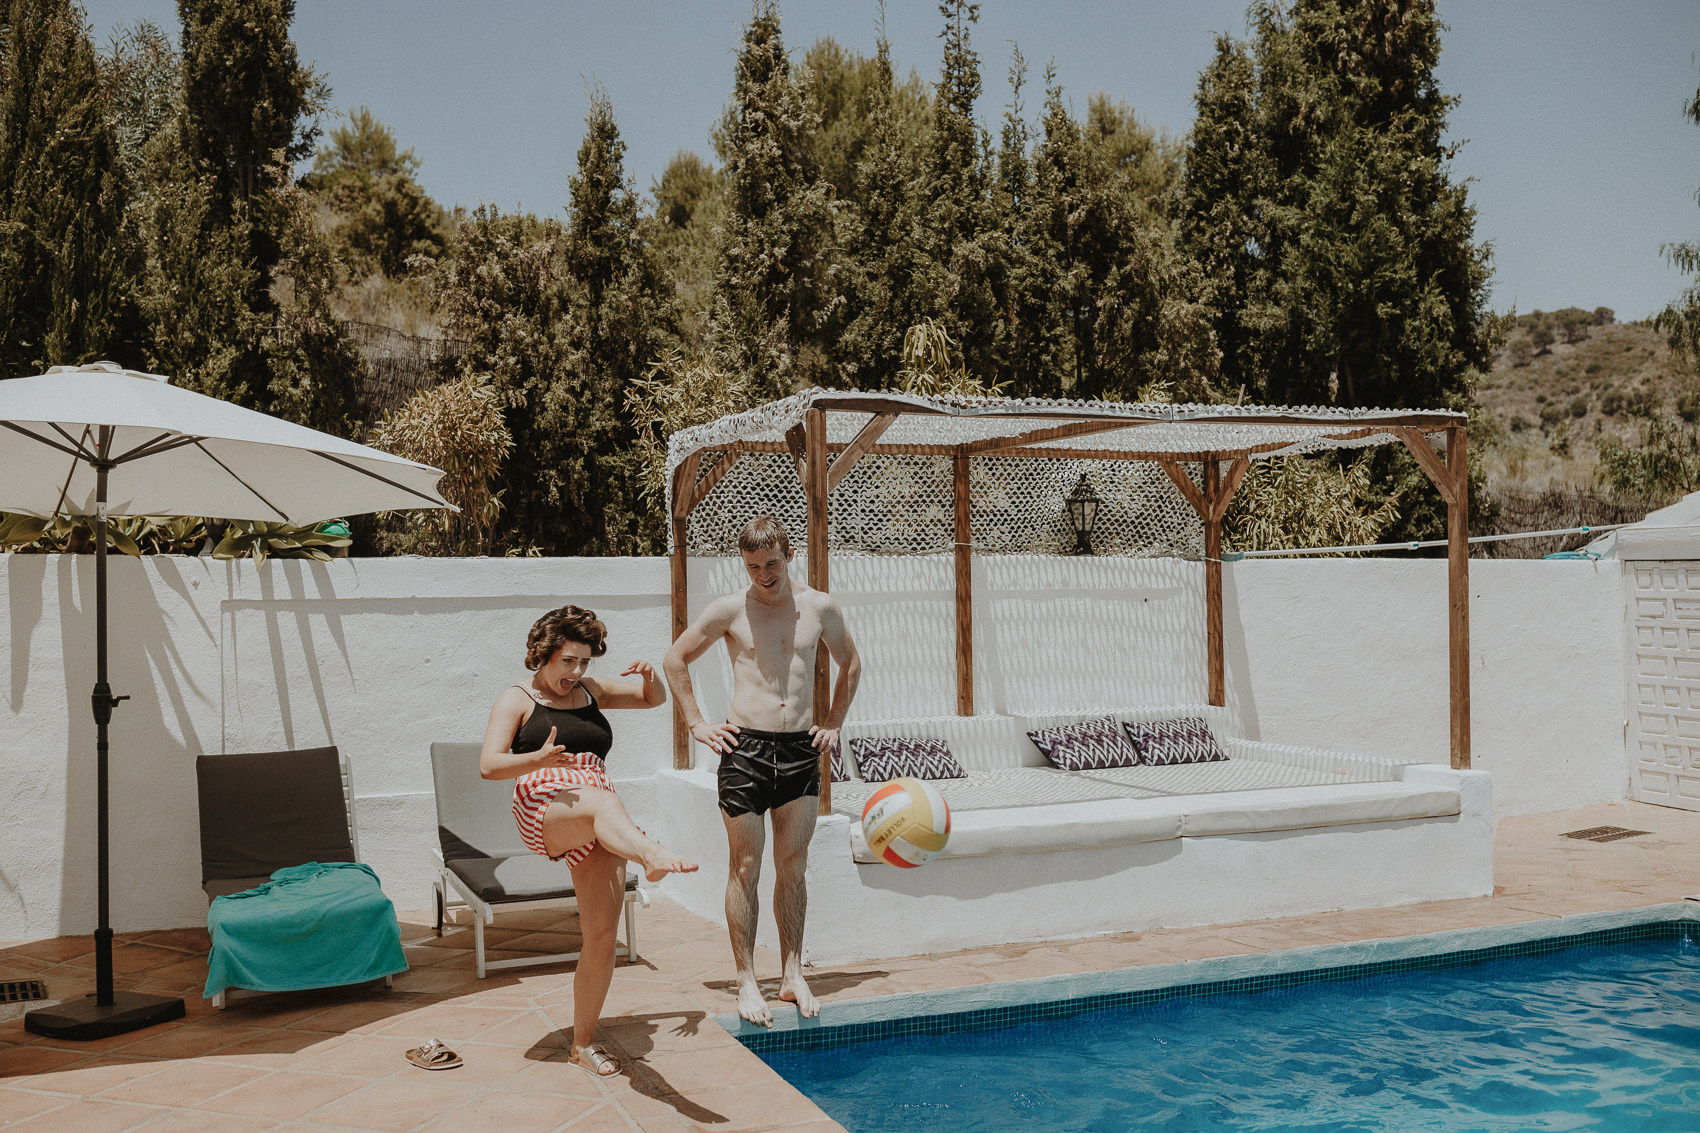 Sarah & Bill | Summer wedding at Cortijo Rosa Blanca | Marbella - Spain 26